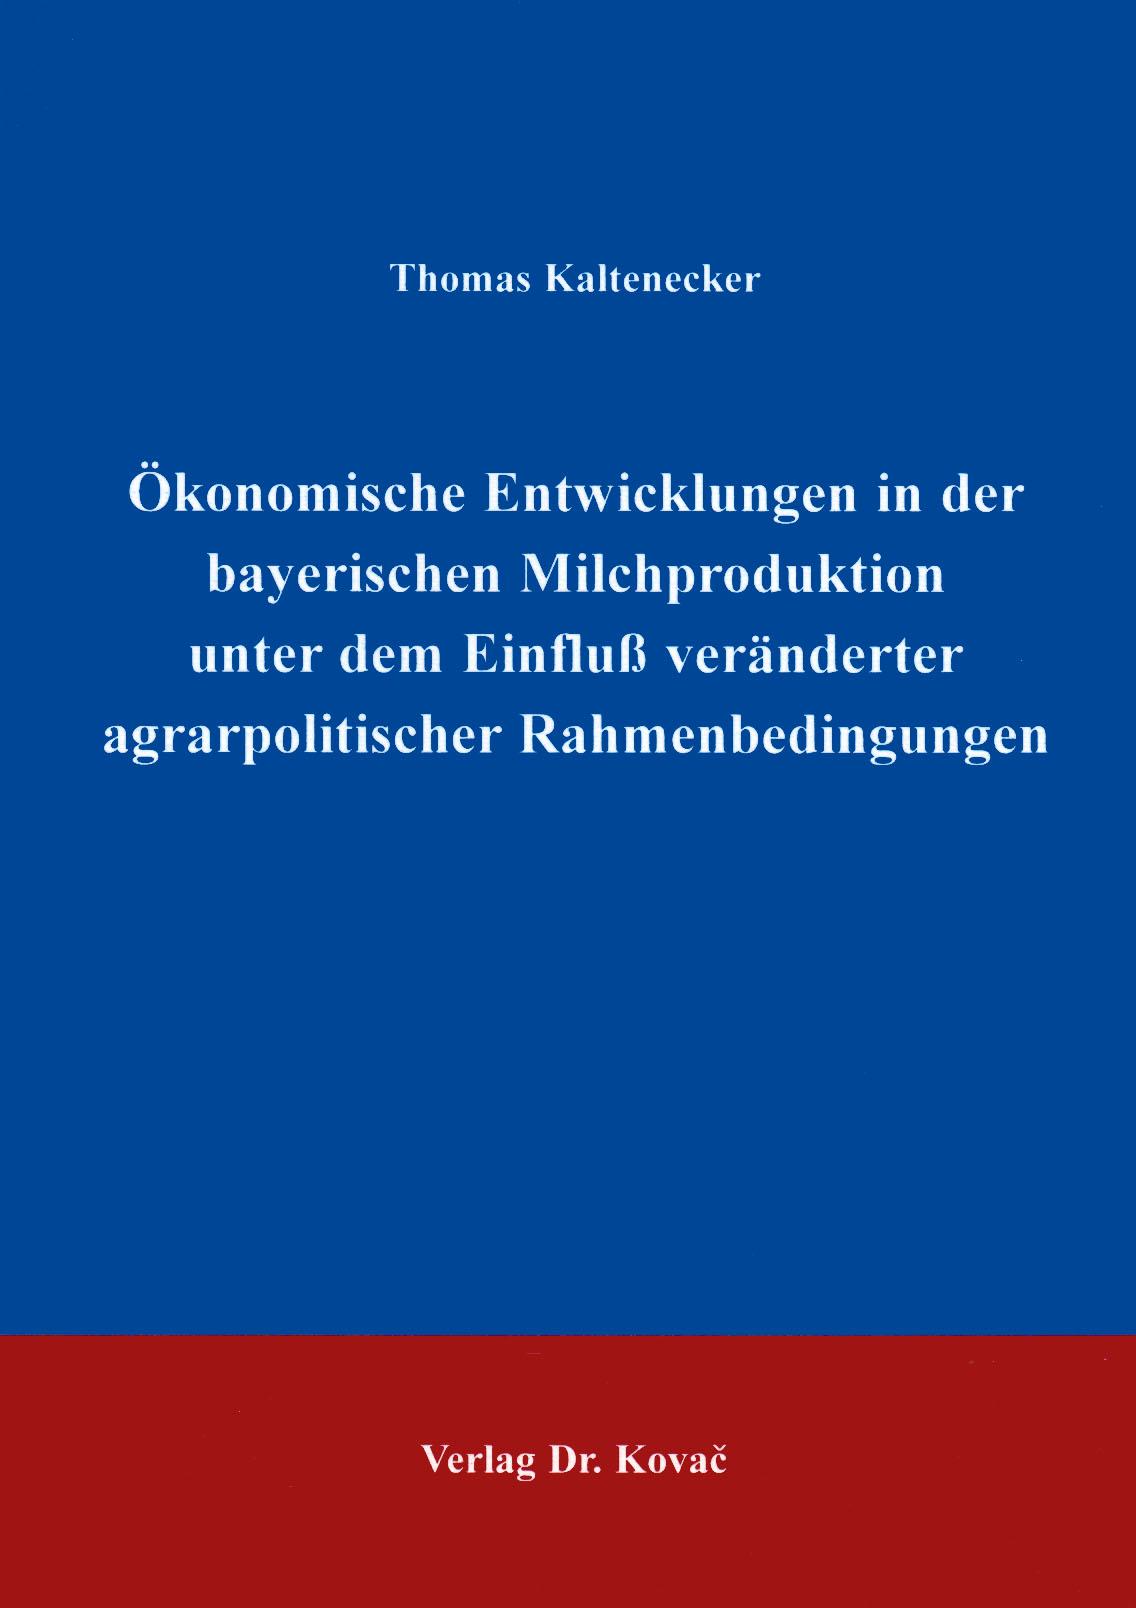 Cover: Ökonomische Entwicklungen in der bayrischen Milchproduktion unter dem Einfluß veränderter agrarpolitischer Rahmenbedingungen